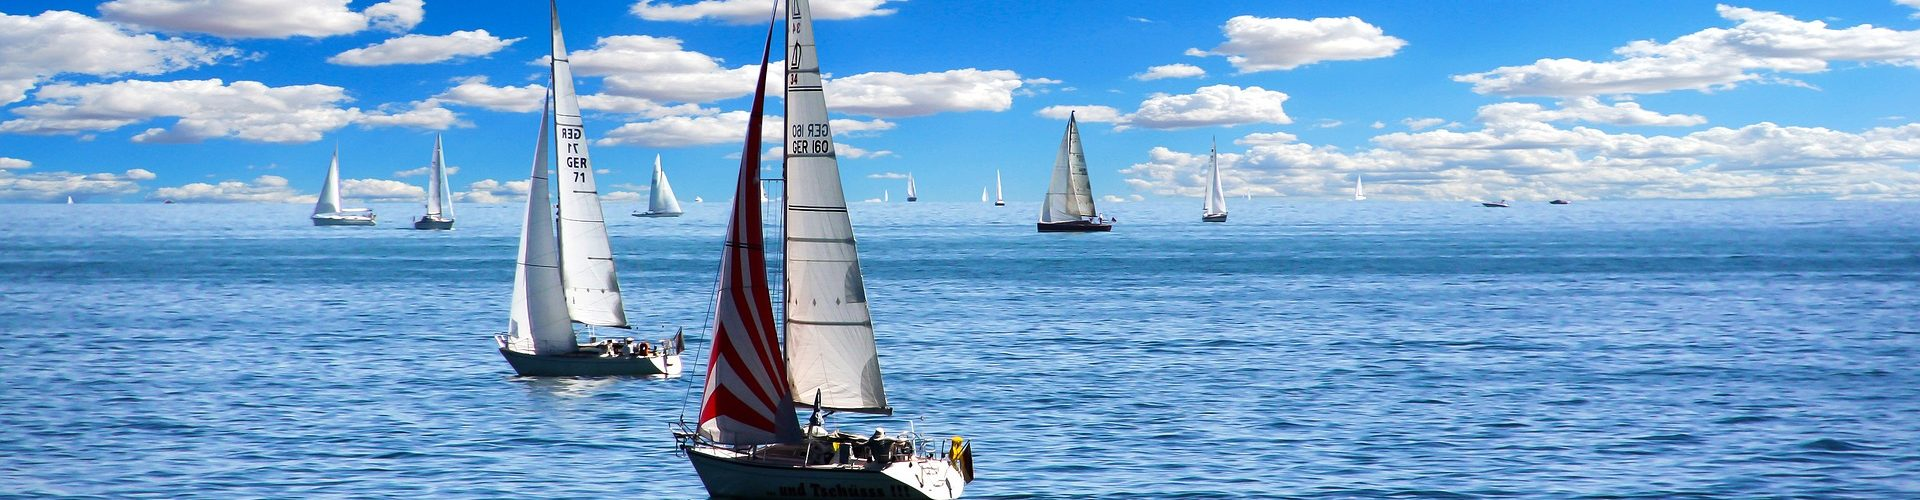 segeln lernen in Norden Norddeich segelschein machen in Norden Norddeich 1920x500 - Segeln lernen in Norden Norddeich